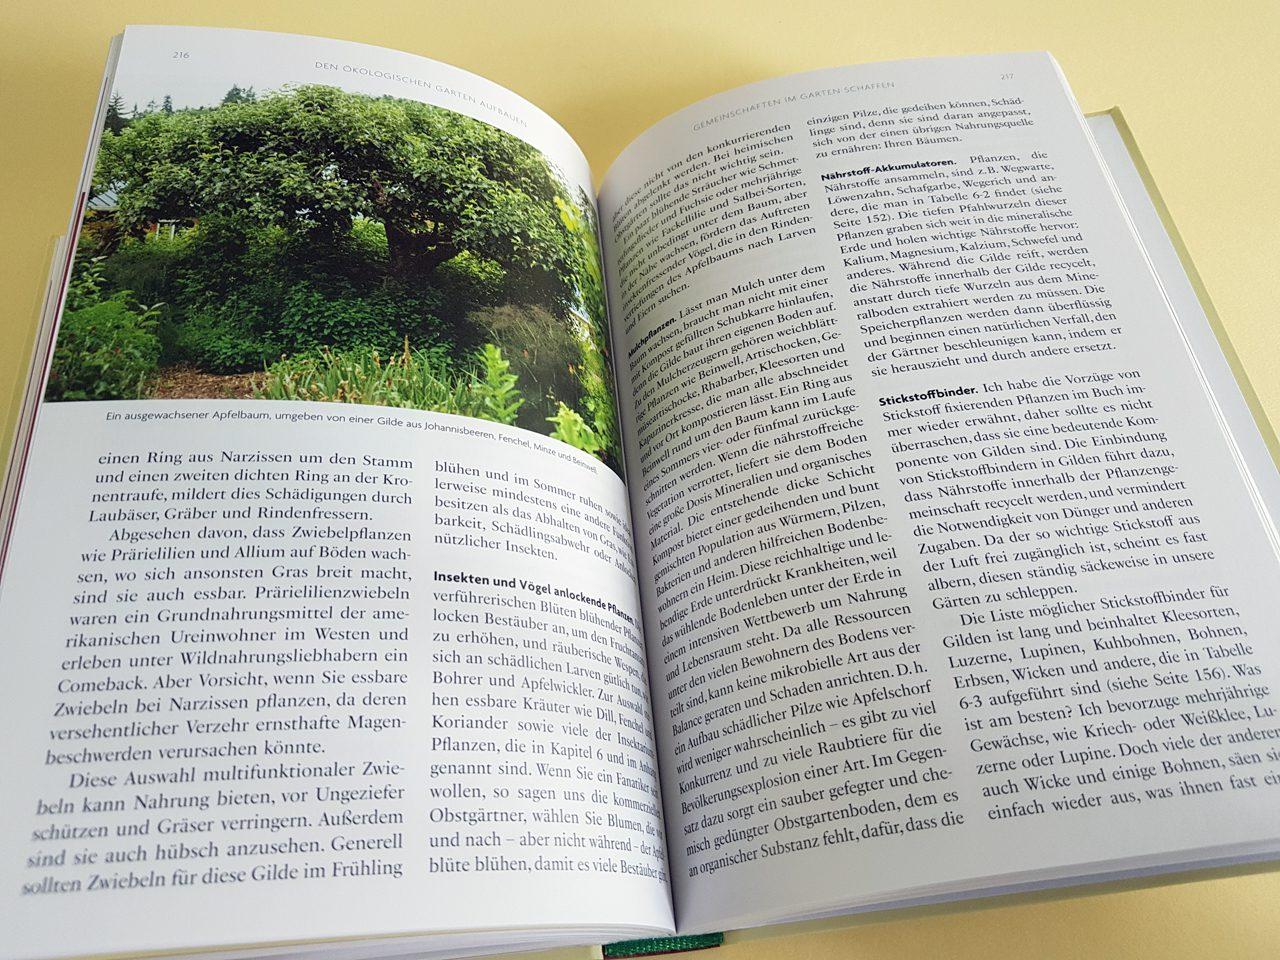 Gaias Garten Unimedica Verlag aufgeschlagener Bildband